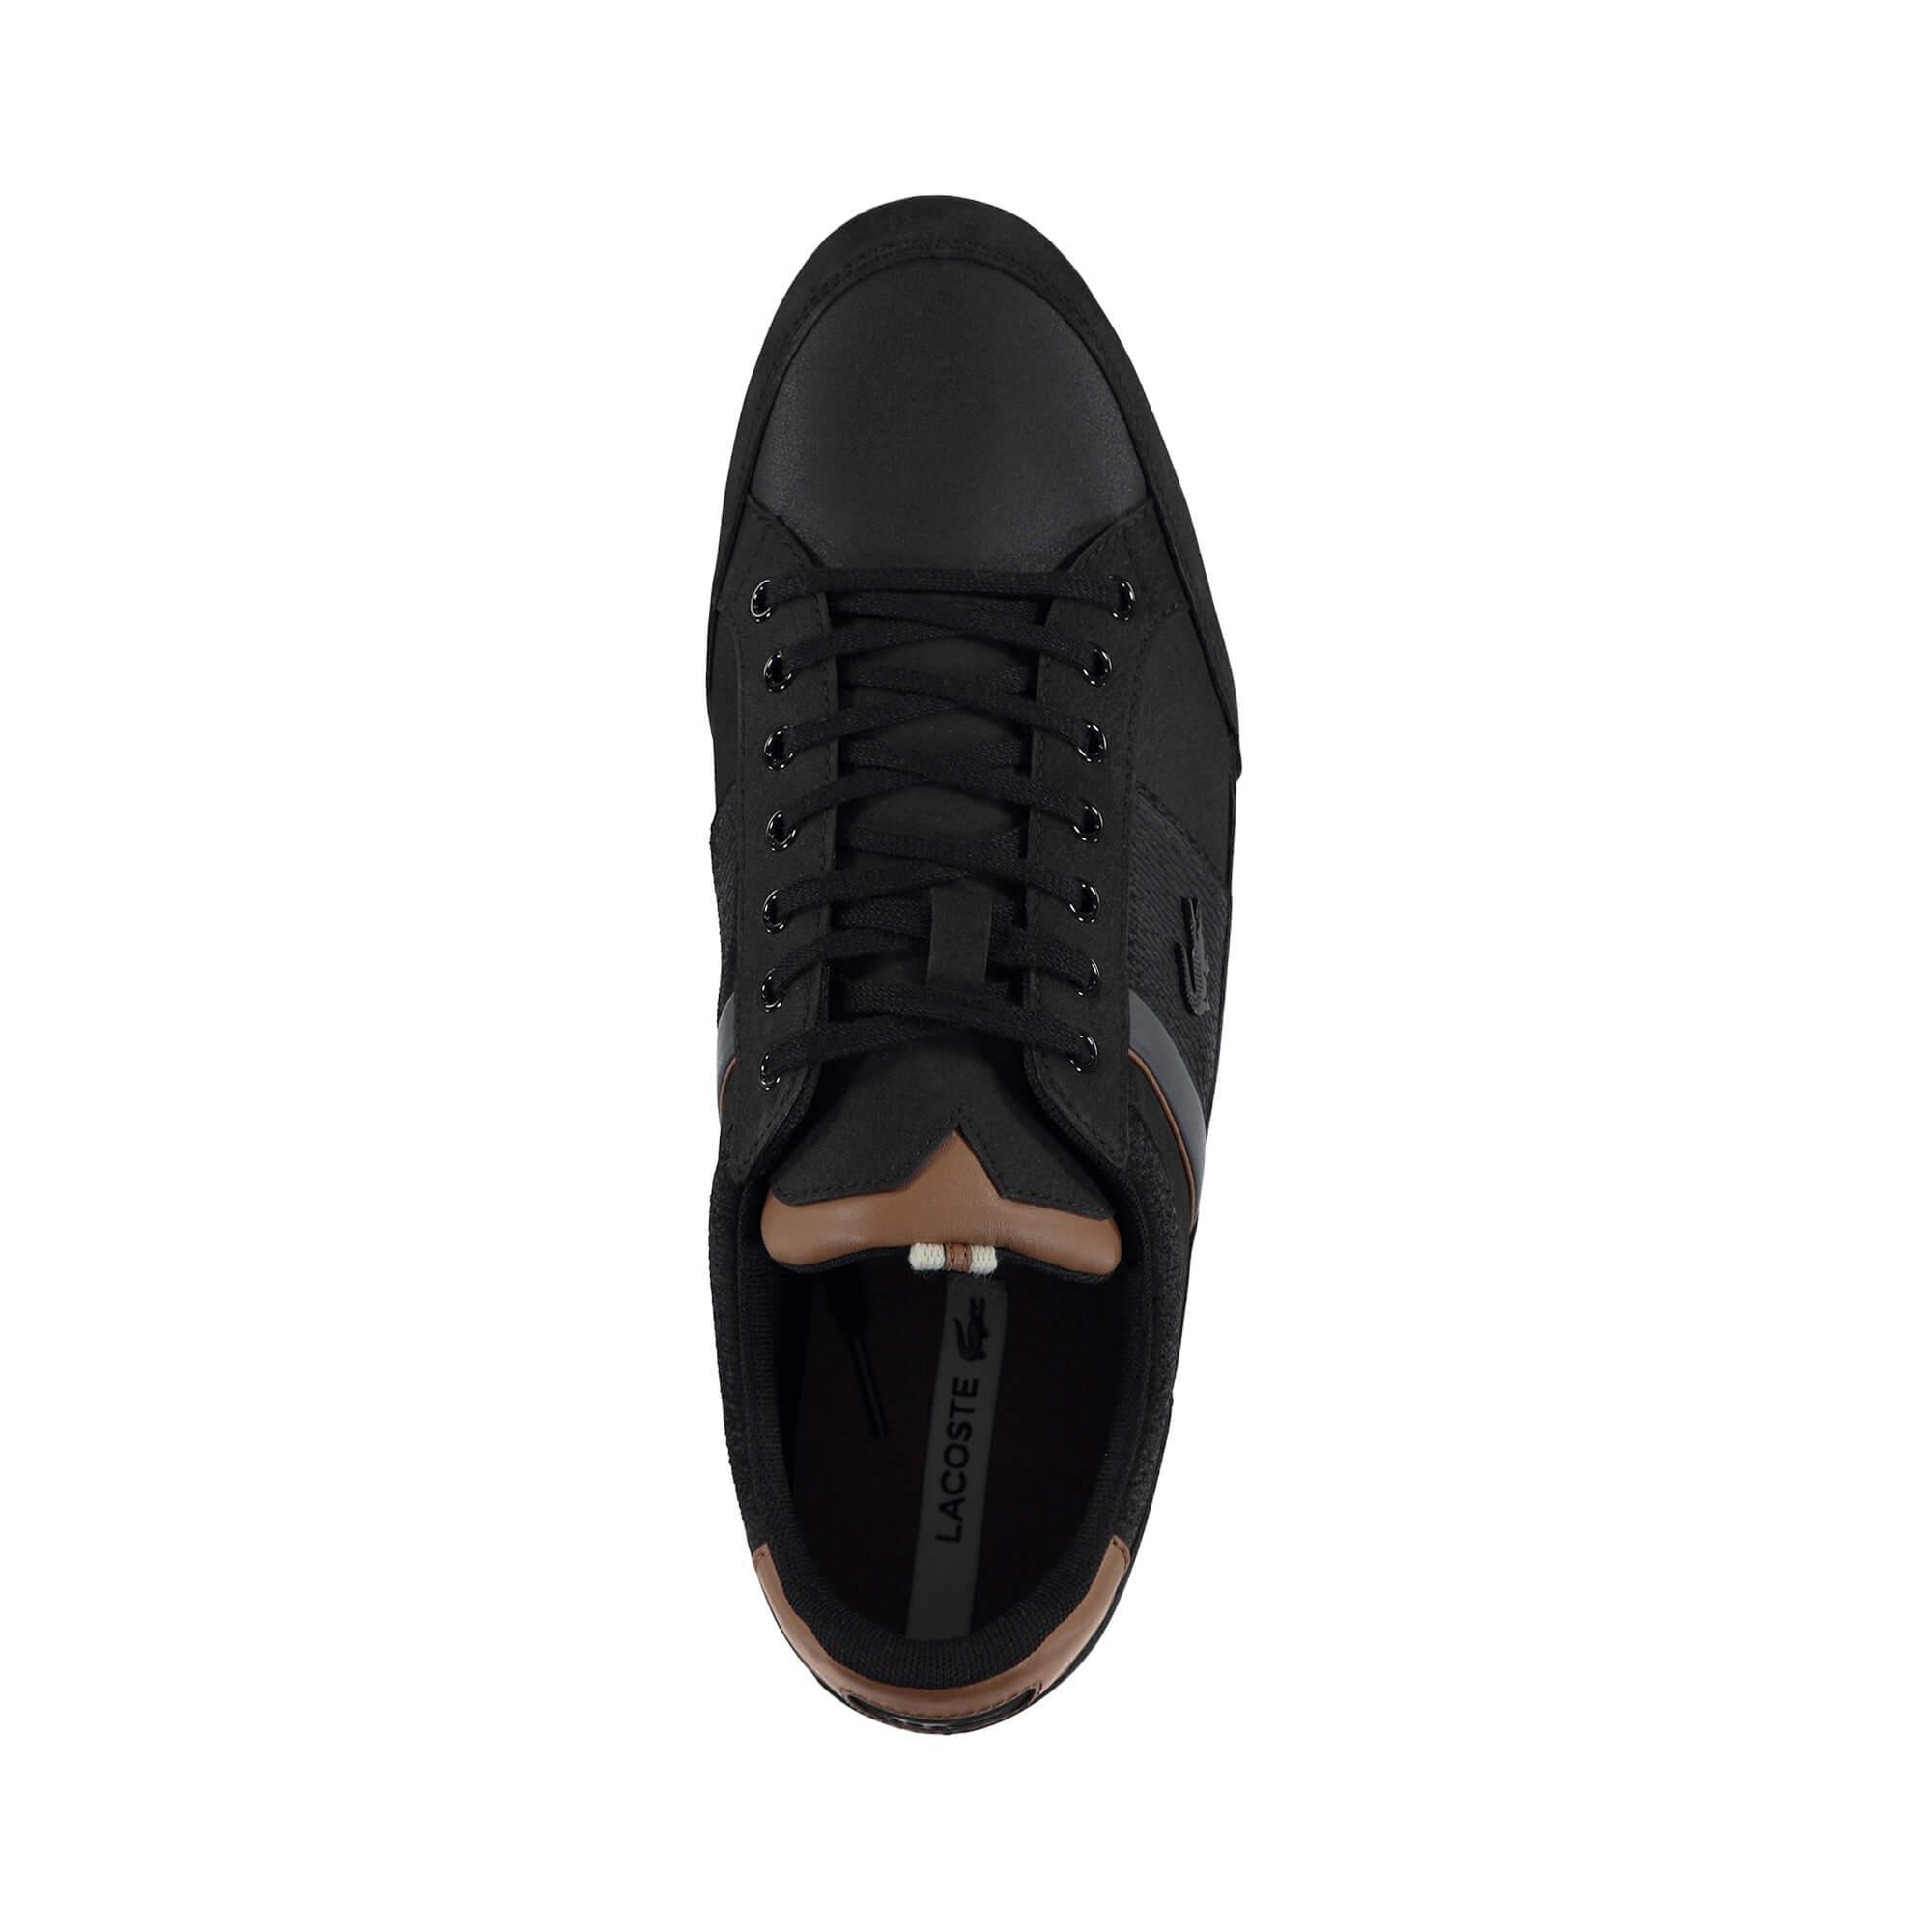 Lacoste Chaymon 318 2 Męskie  Sneakersy